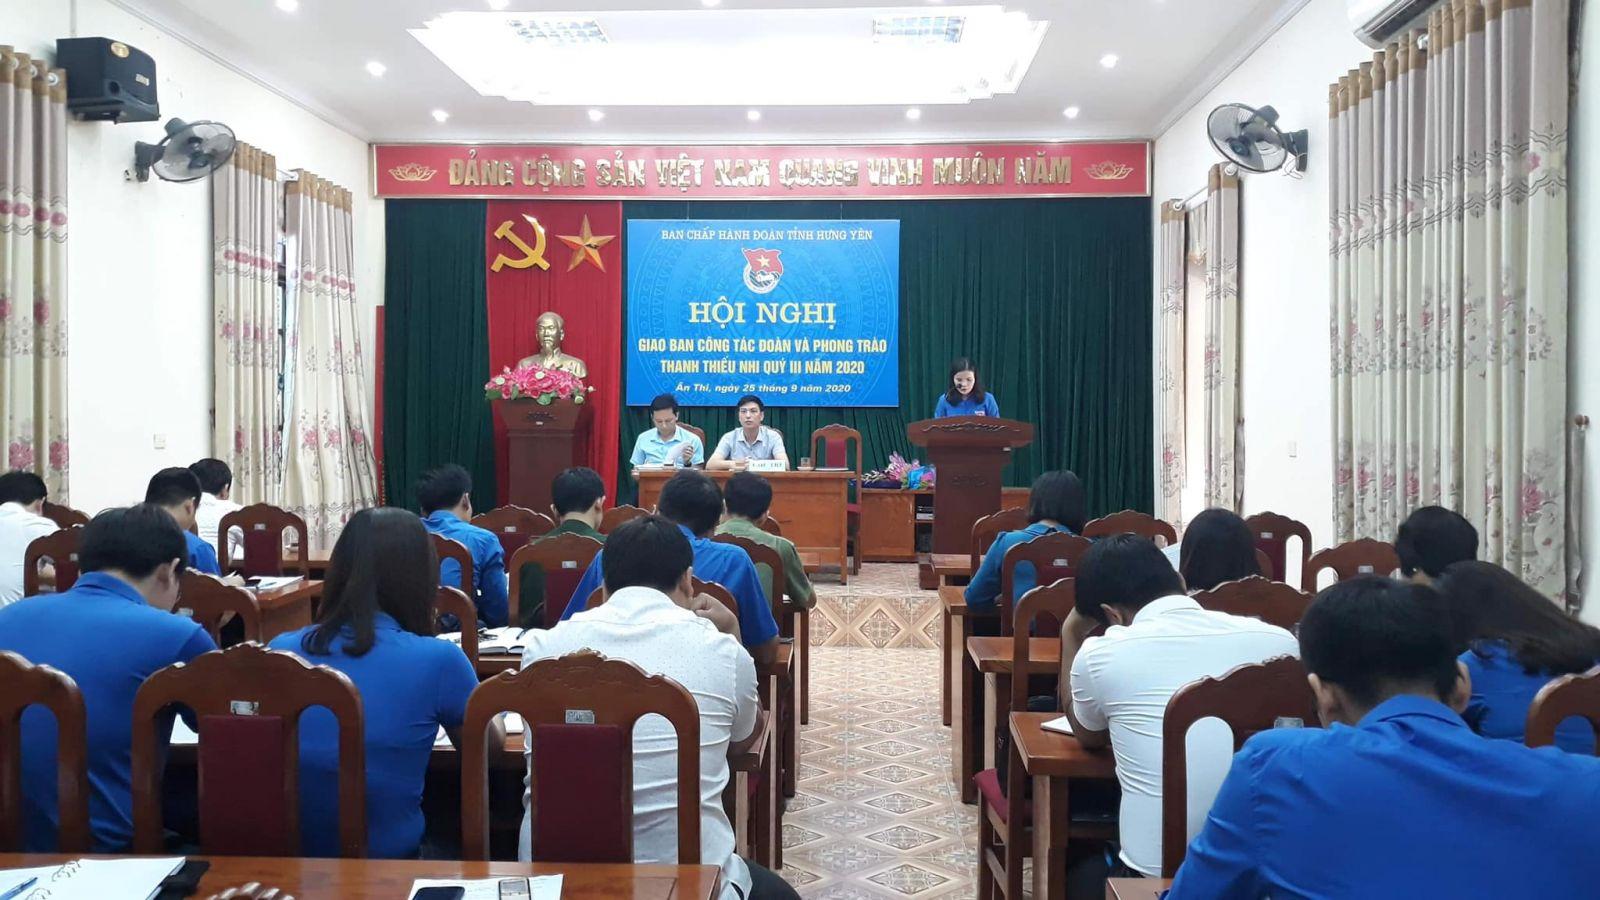 HỘI NGHỊ GIAO BAN CÔNG TÁC ĐOÀN VÀ PHONG TRÀO THANH THIẾU NHI QUÝ III/2020